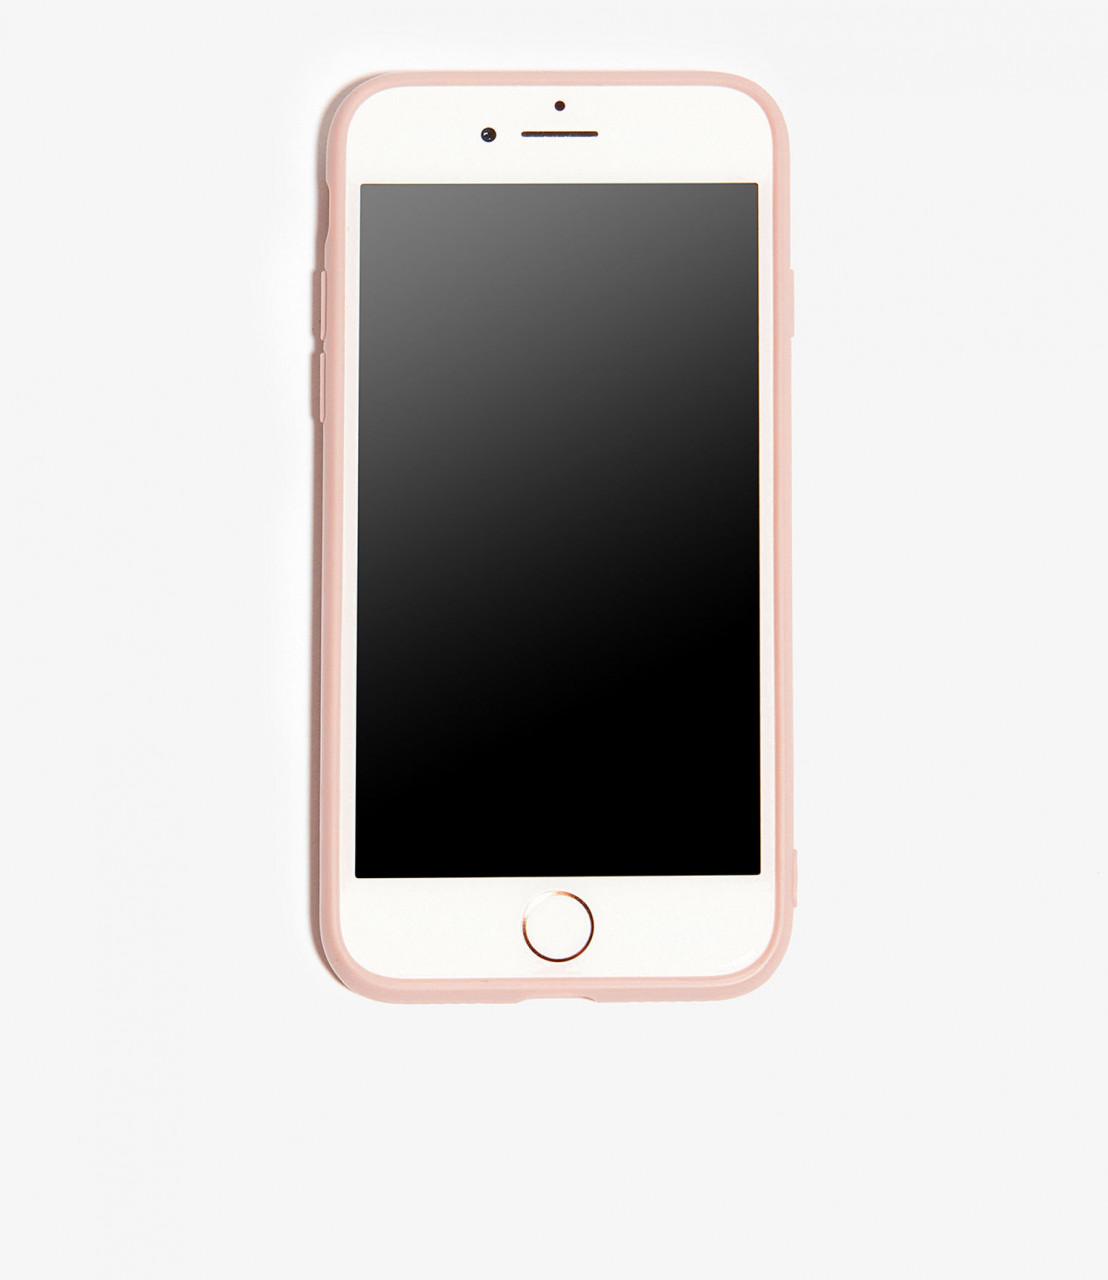 Funda iPhone 7 cocodrilo